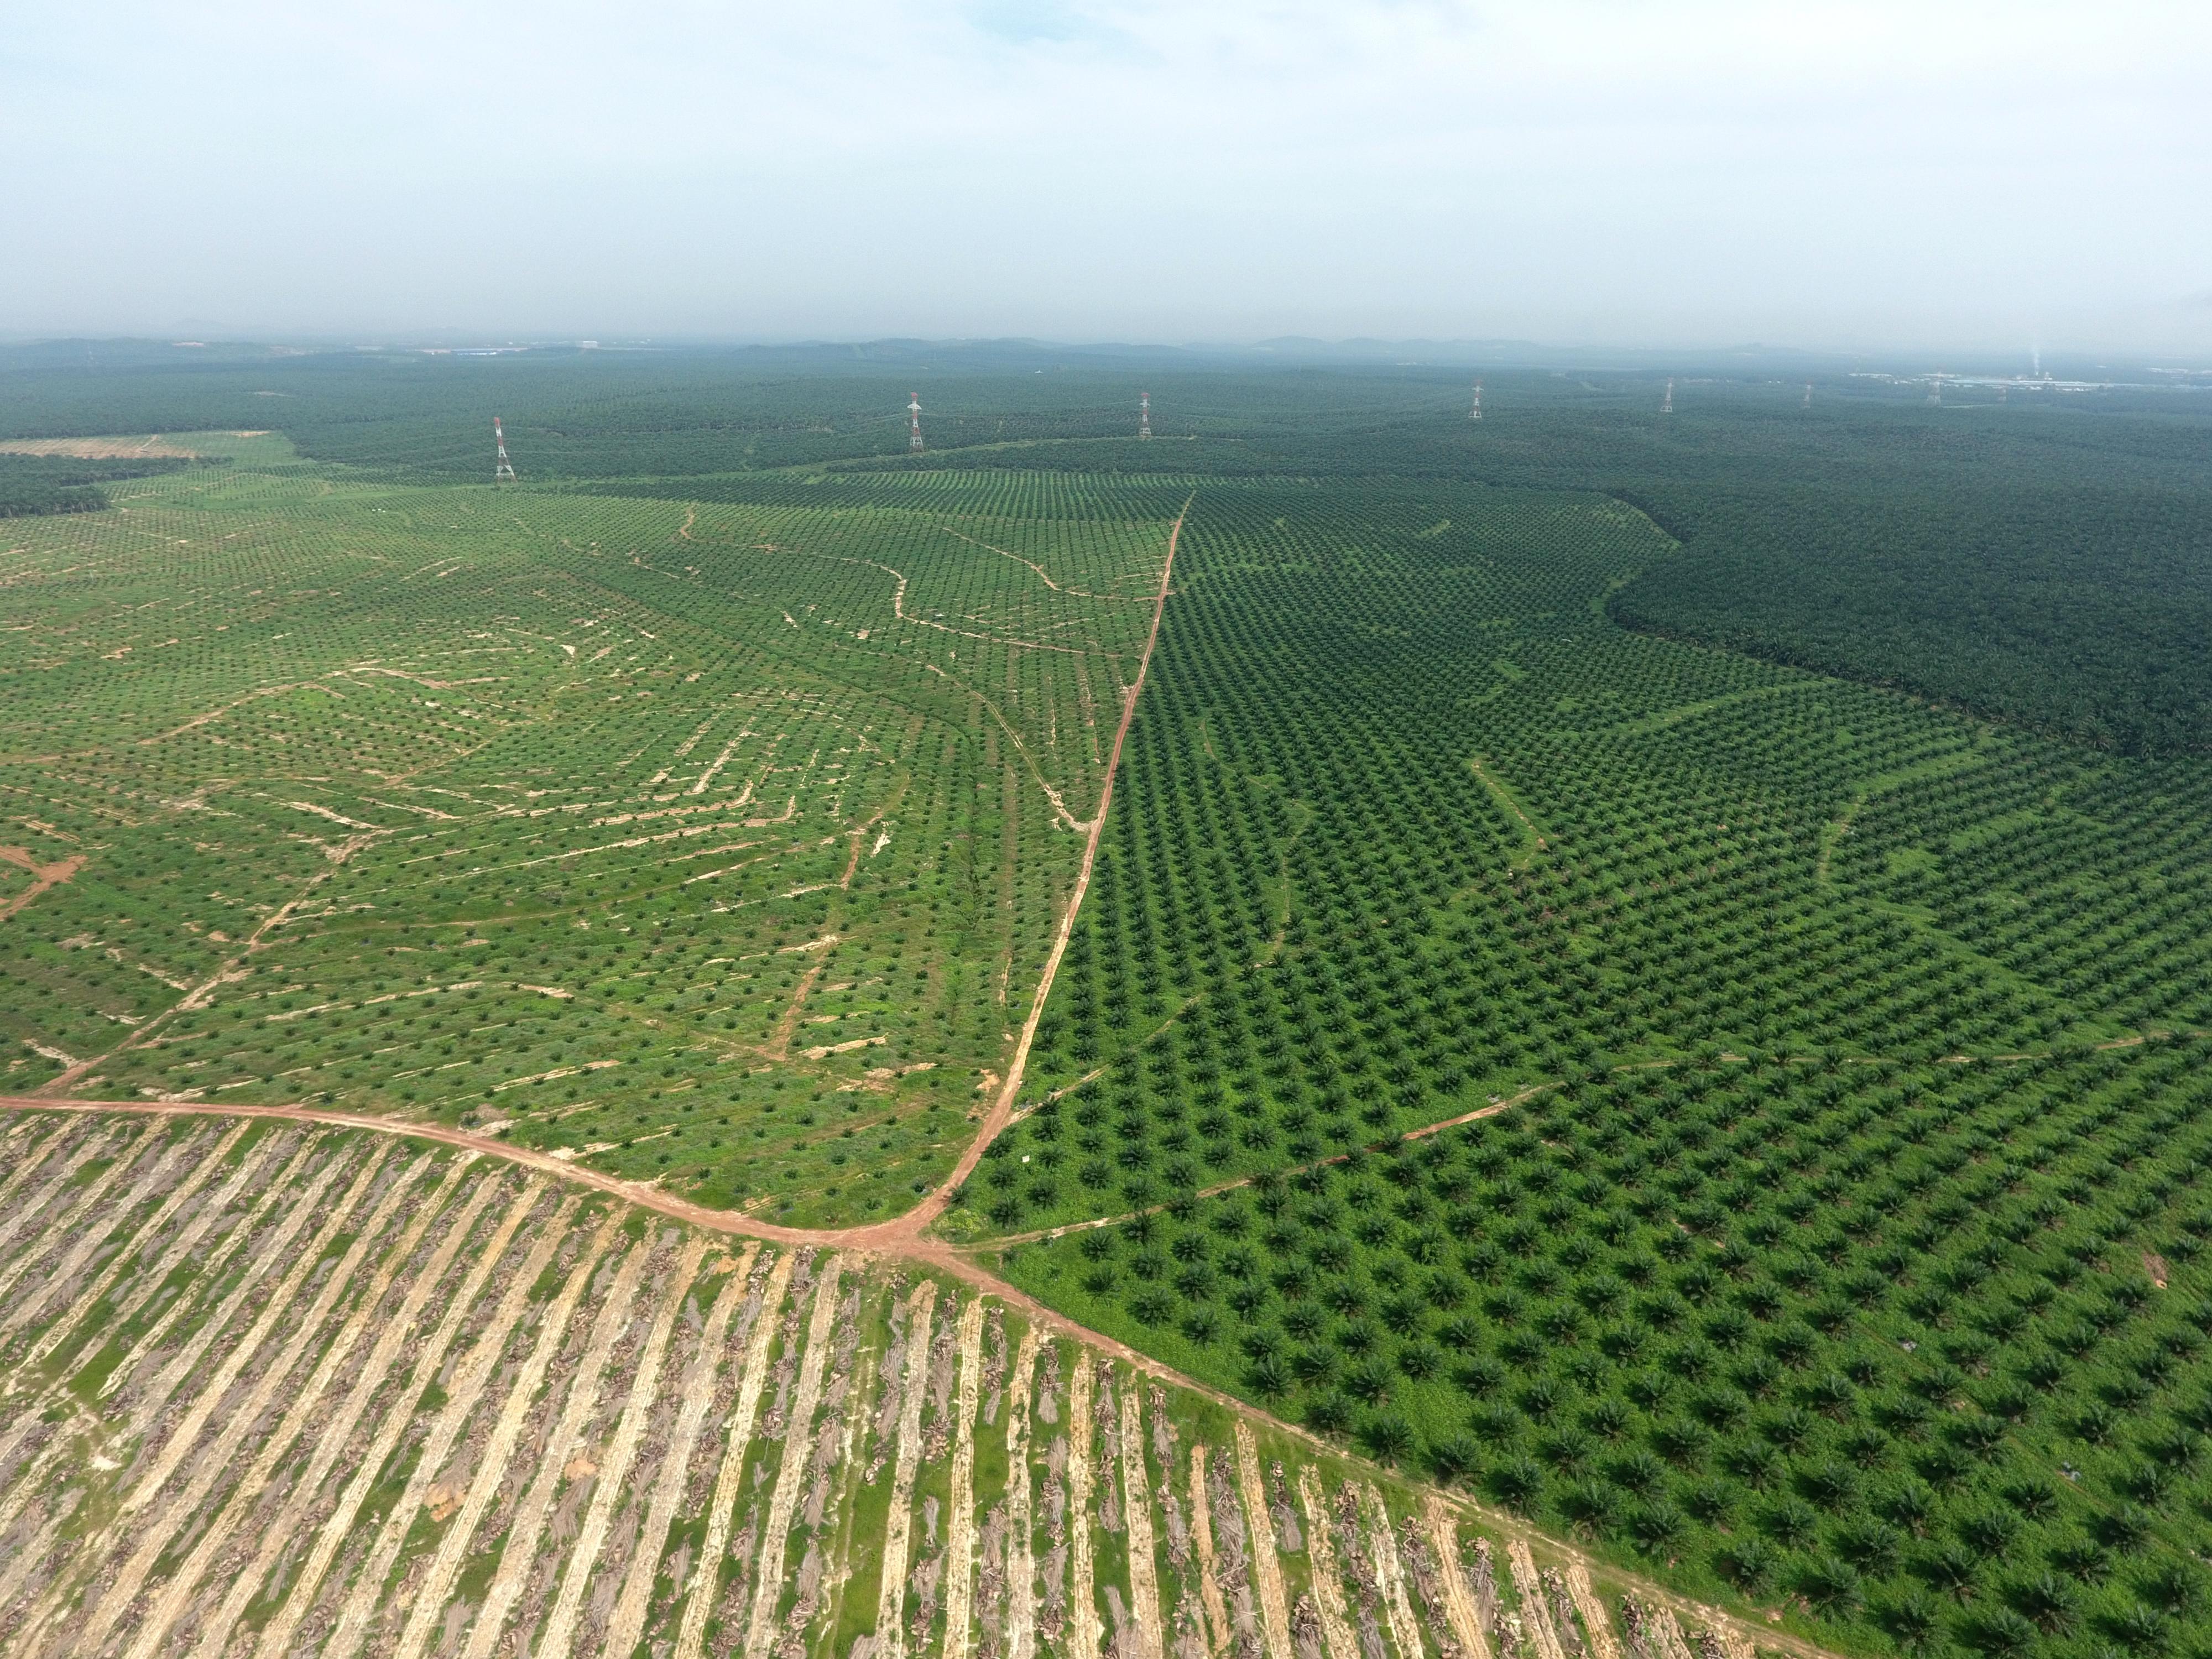 パームオイル用に植えられたアブラヤシのプランテーション